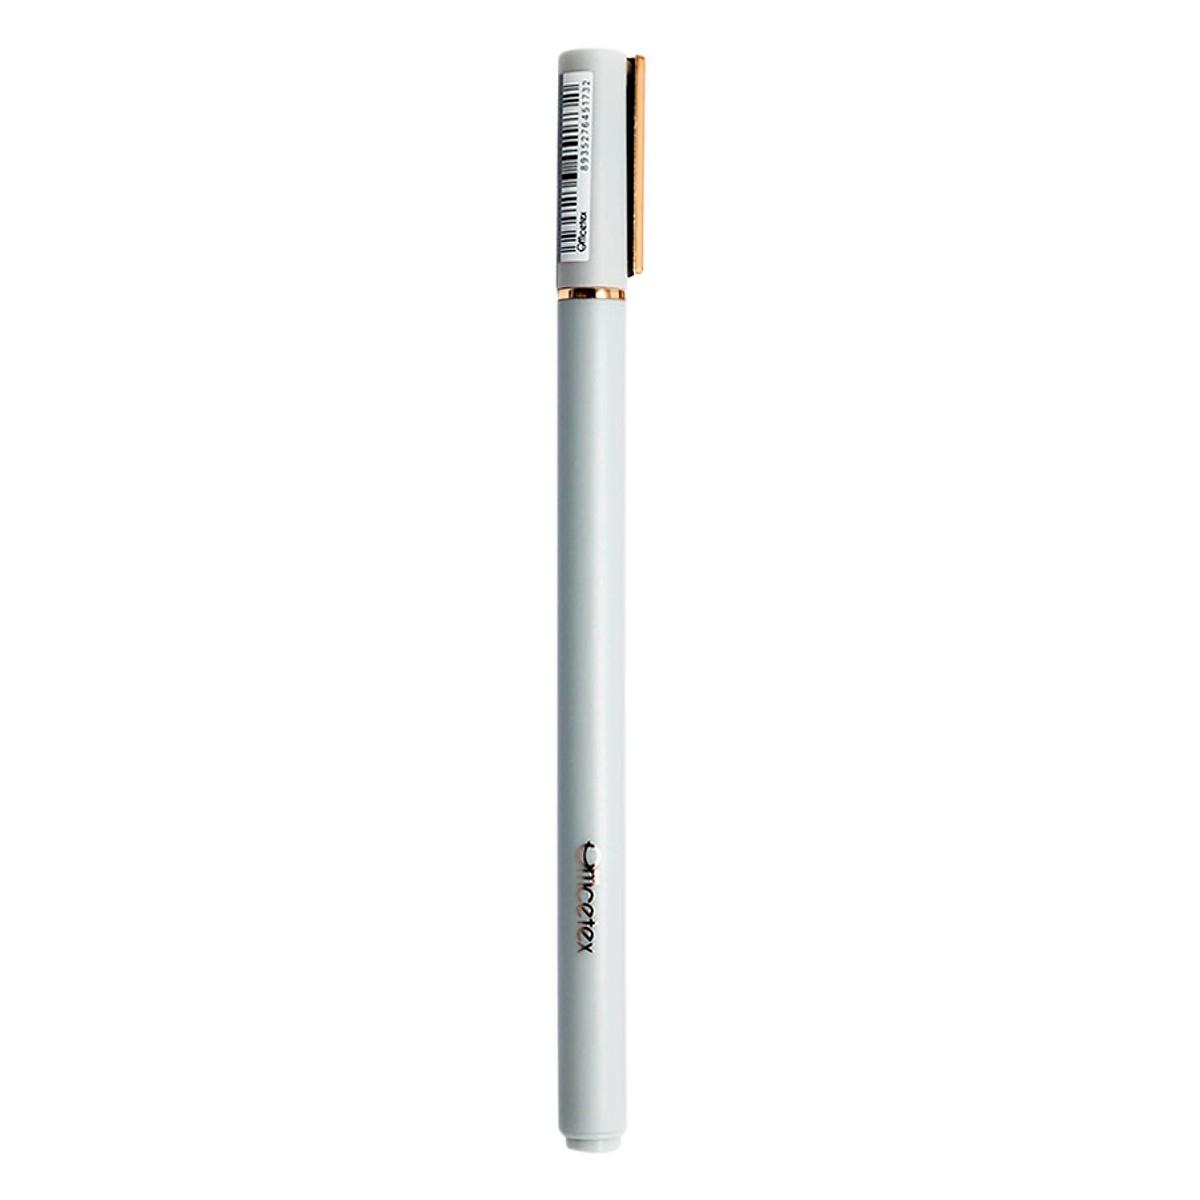 Bộ 3 Bút gel mực xanh/OT-GP013BL